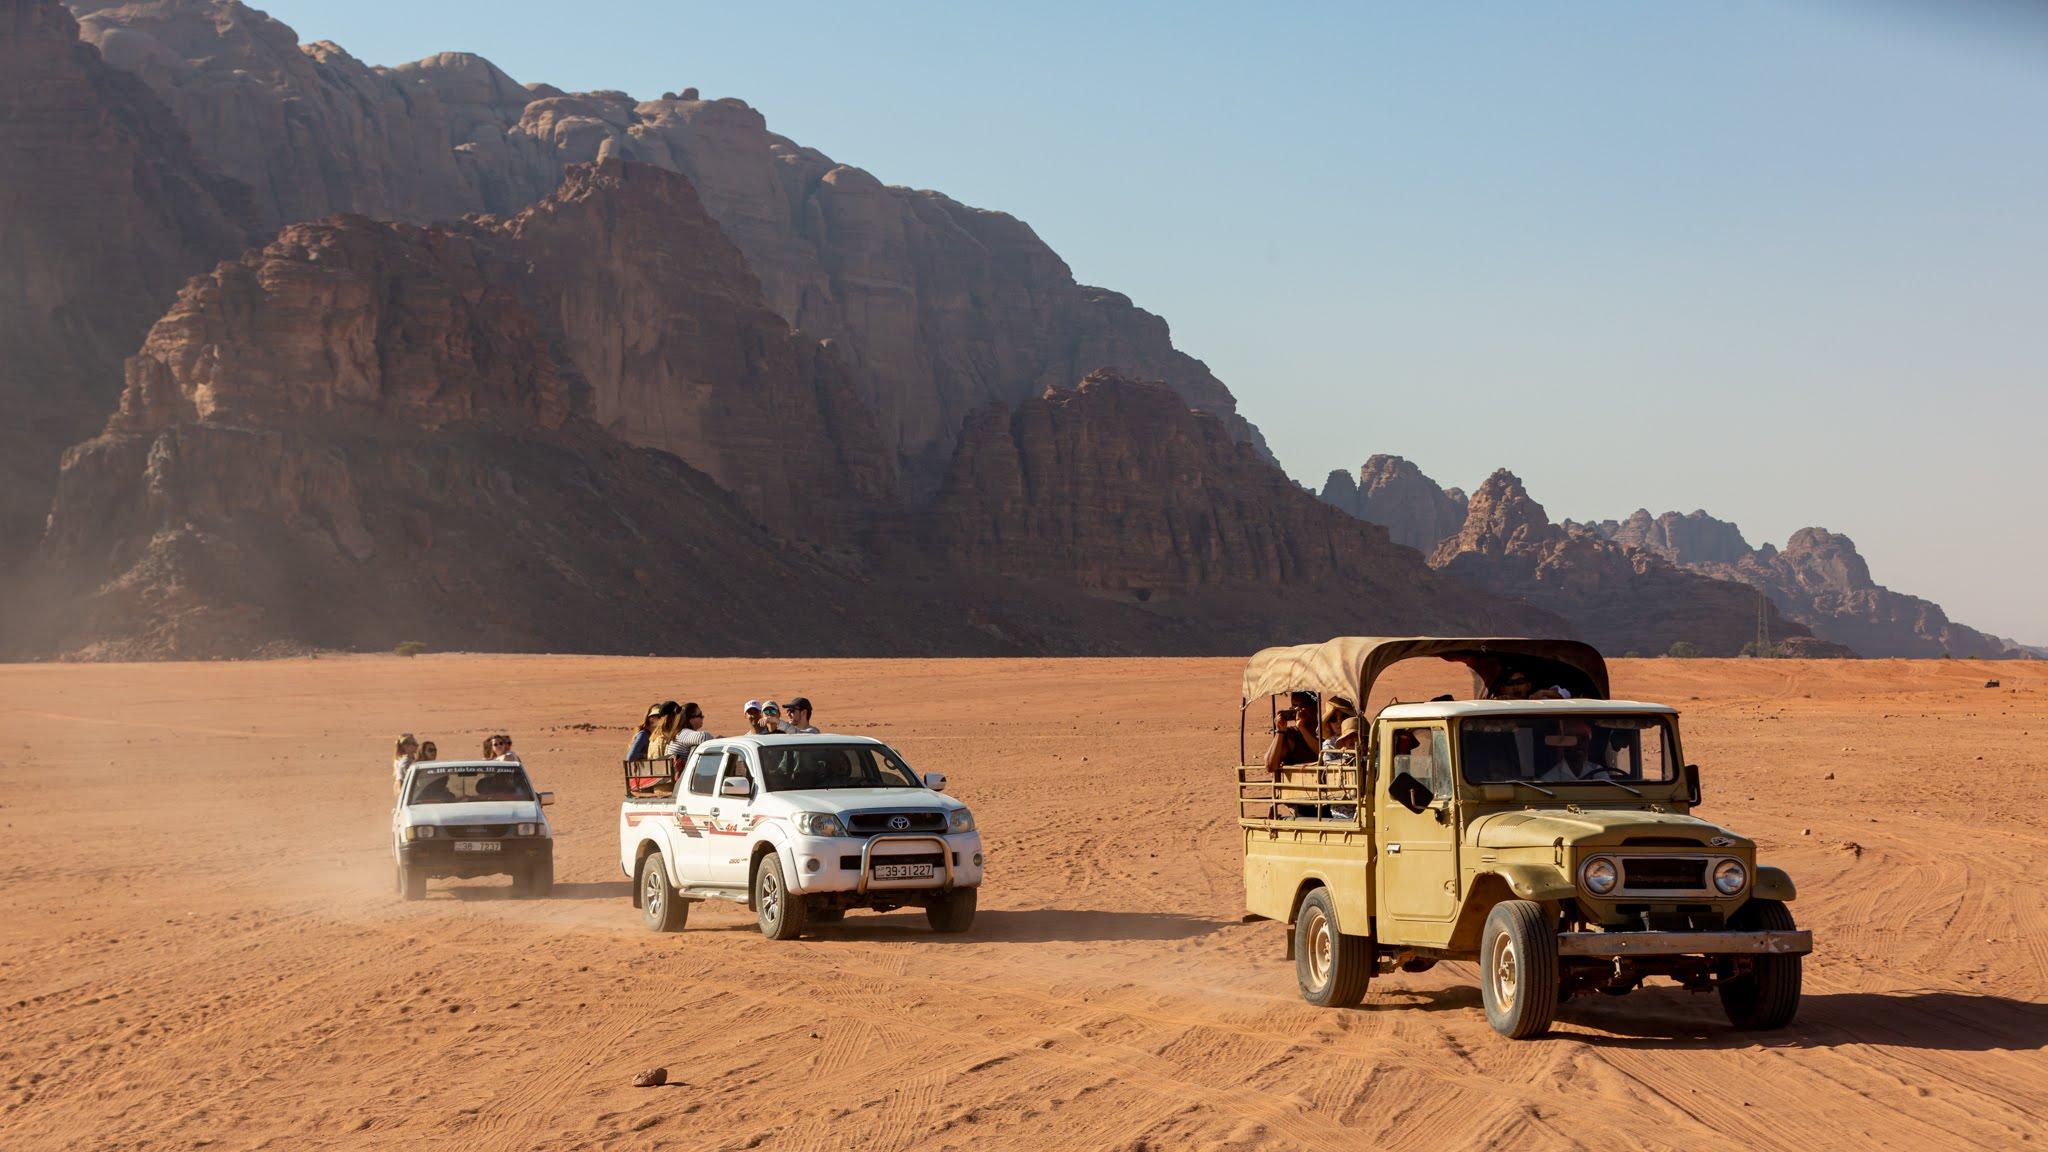 Enjoy A Jeep Tour Through Wadi Rum On The Wadi Rum Jeep Tour Safari From Aqaba